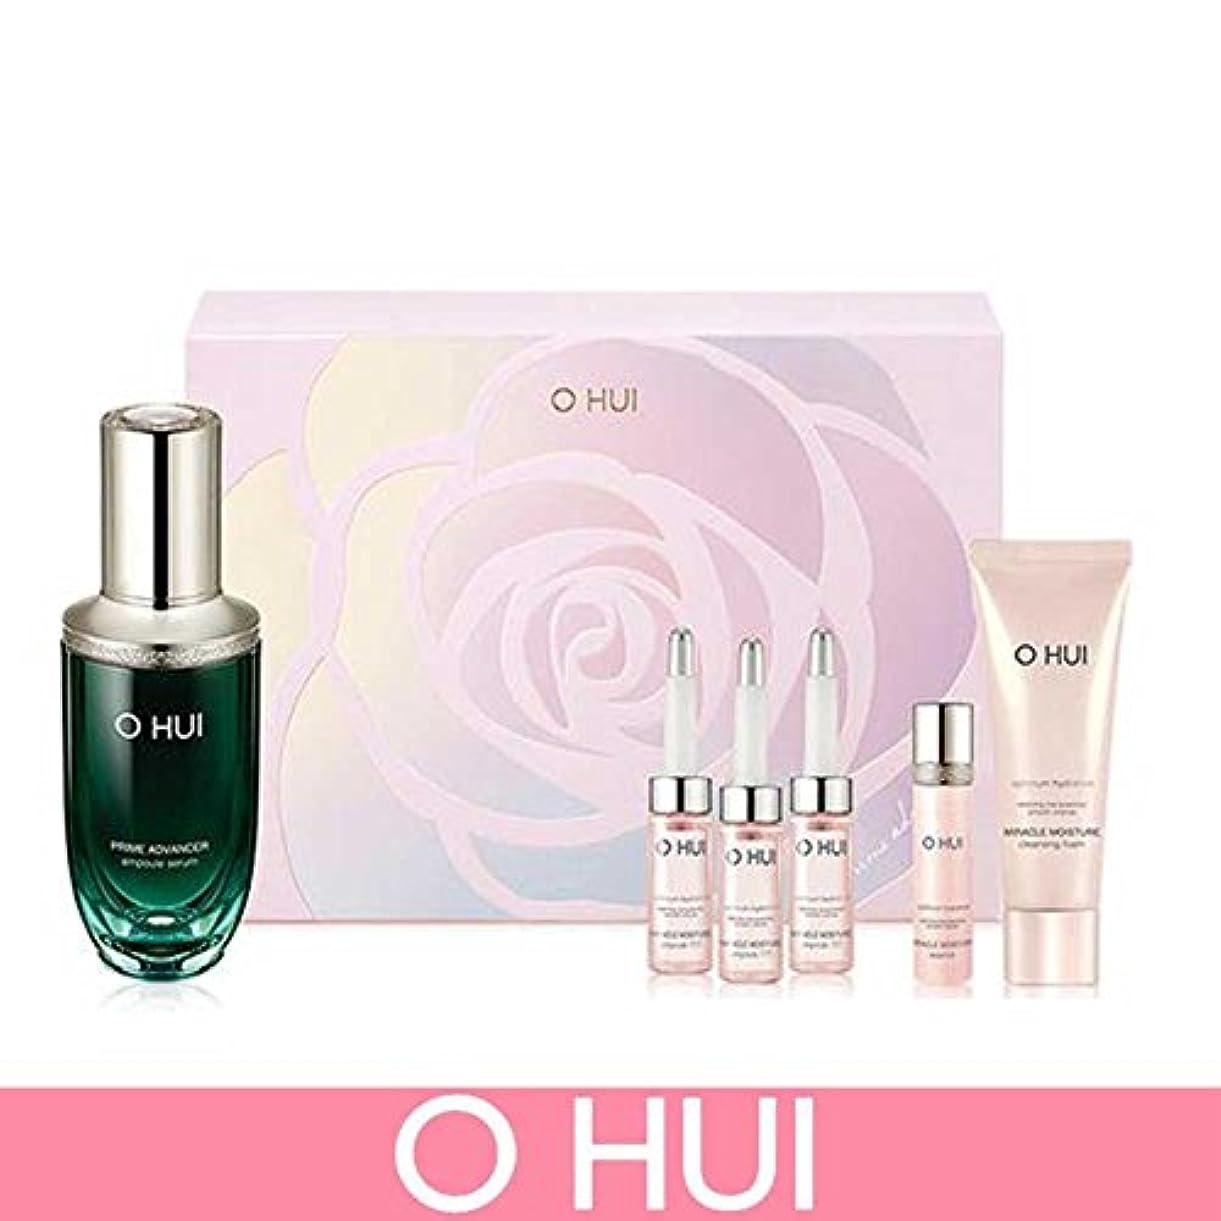 修正クレデンシャル保有者[オフィス/ O HUI]ohui Prime Advanced Ampoule Serum Limited Set/ オフィスプライムオドゥベンてアンプルセラムセット+ [Sample Gift](海外直送品)